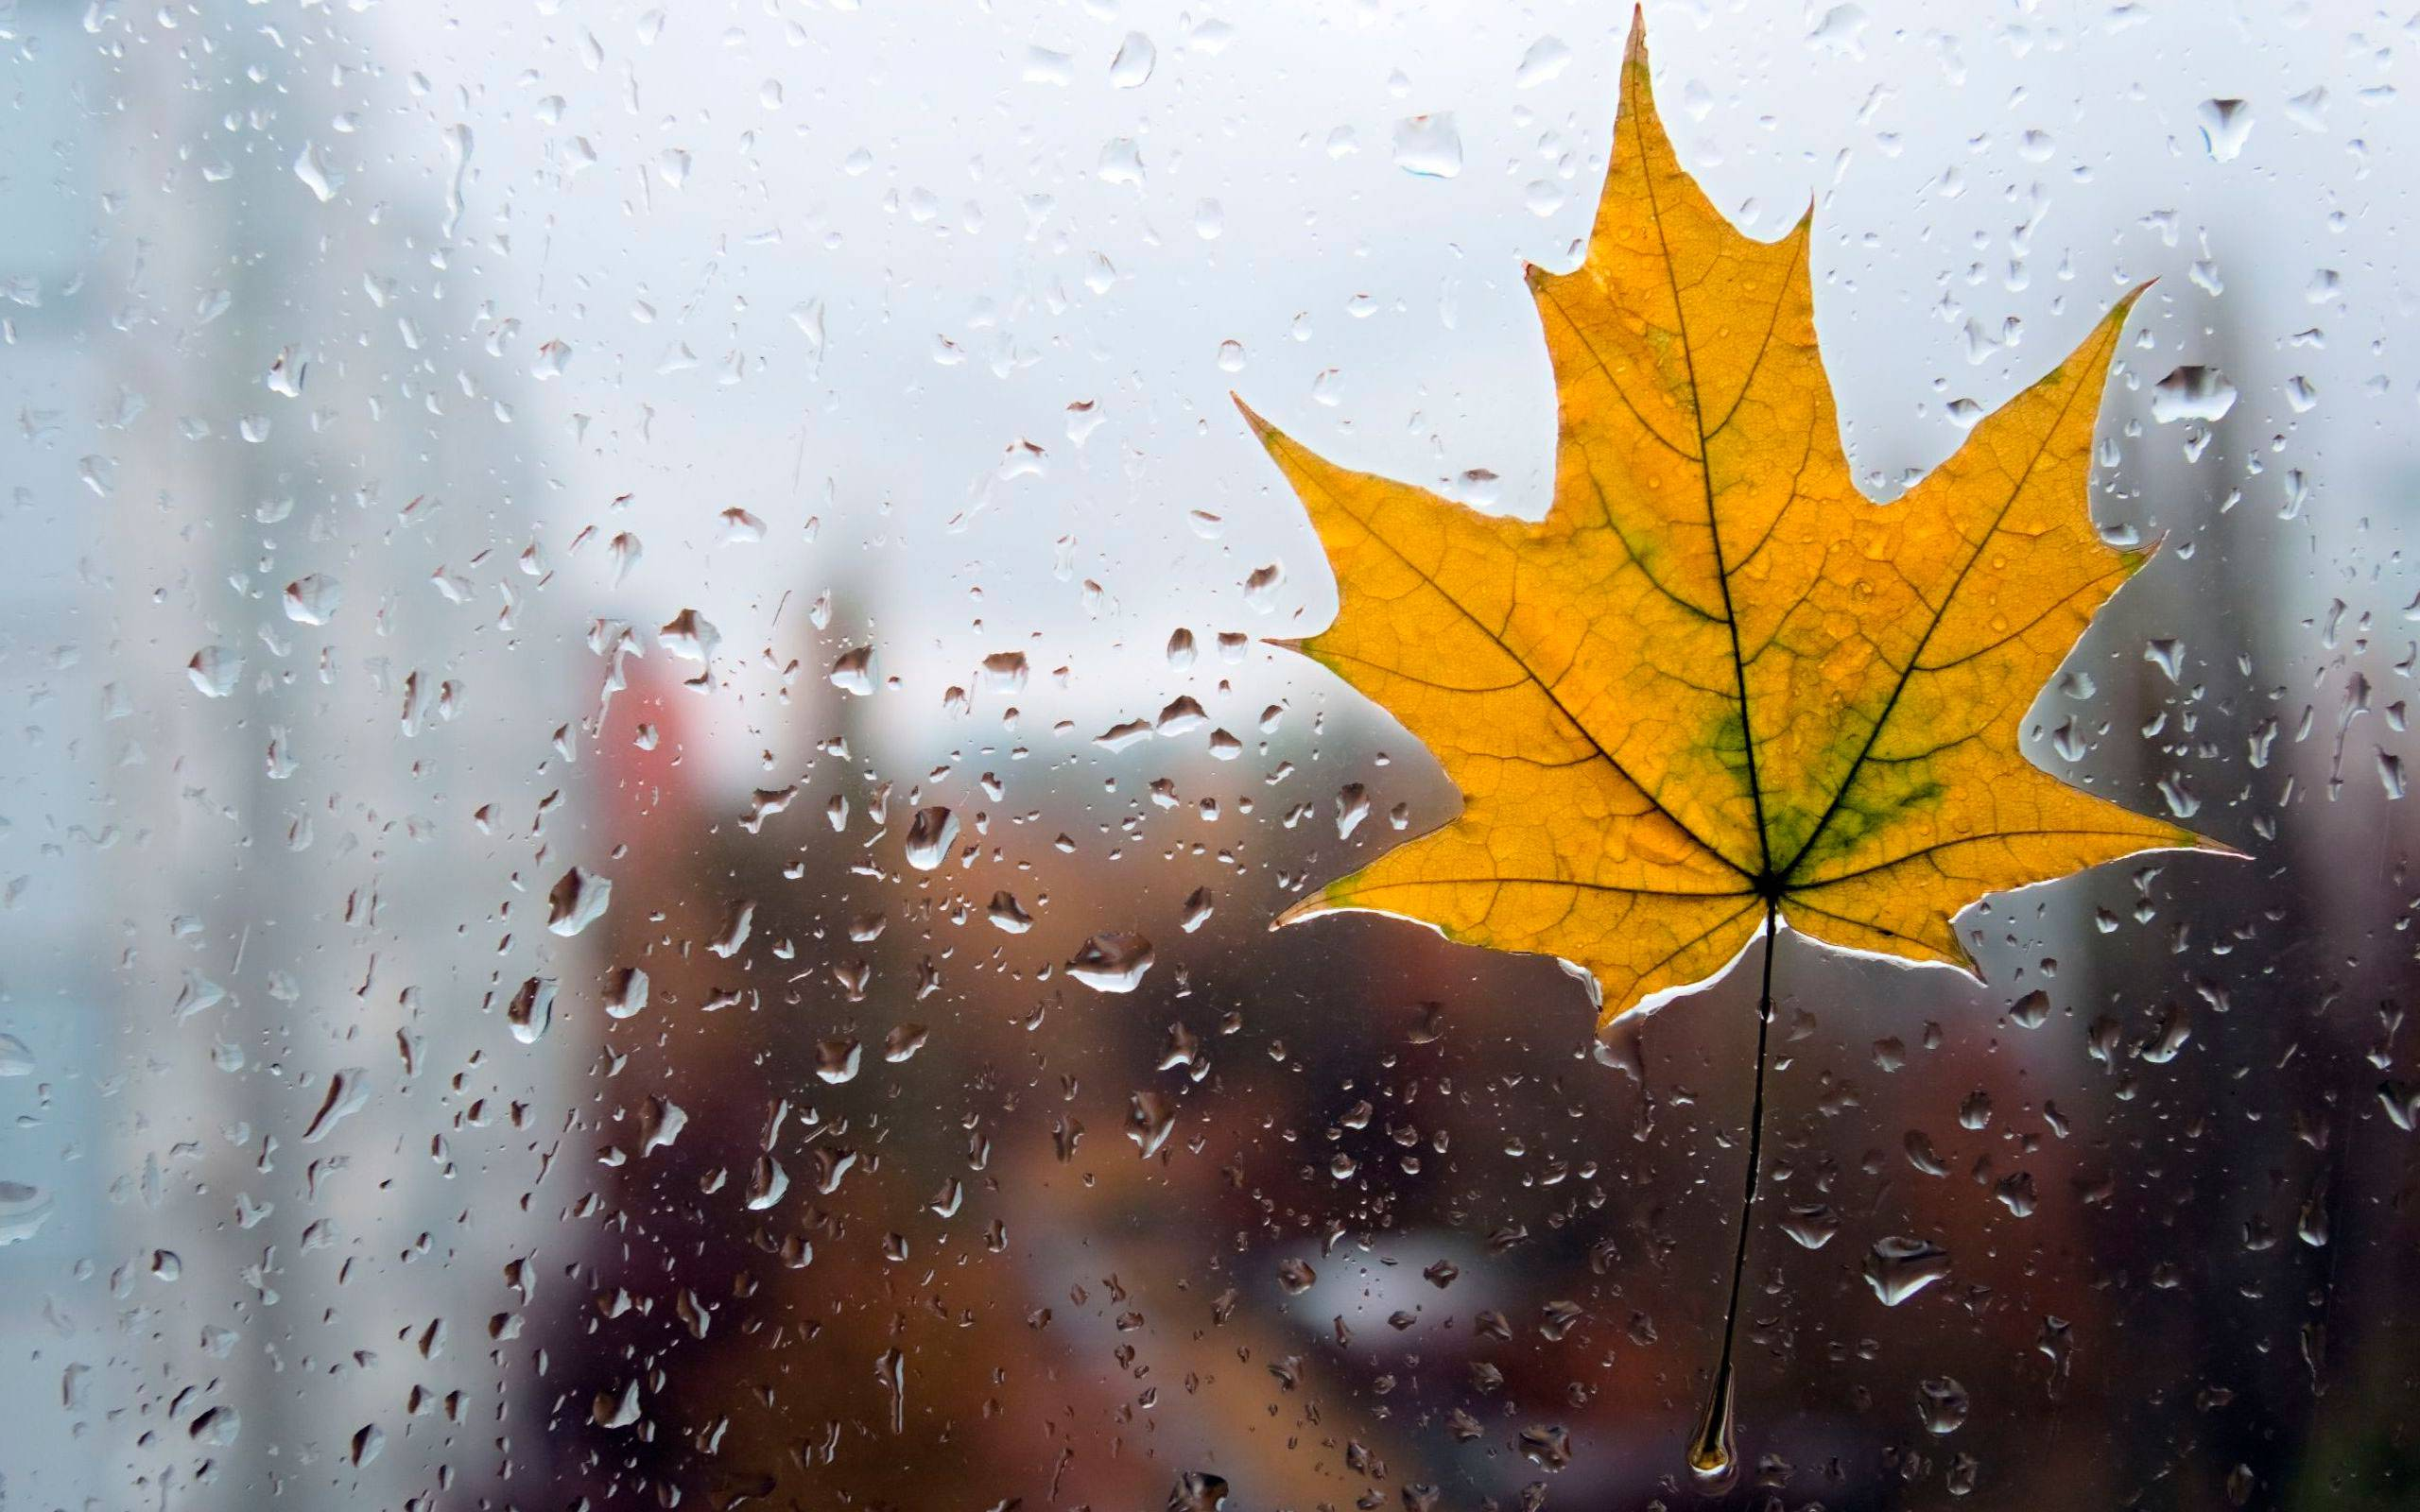 Осеннее дождливое утро картинки